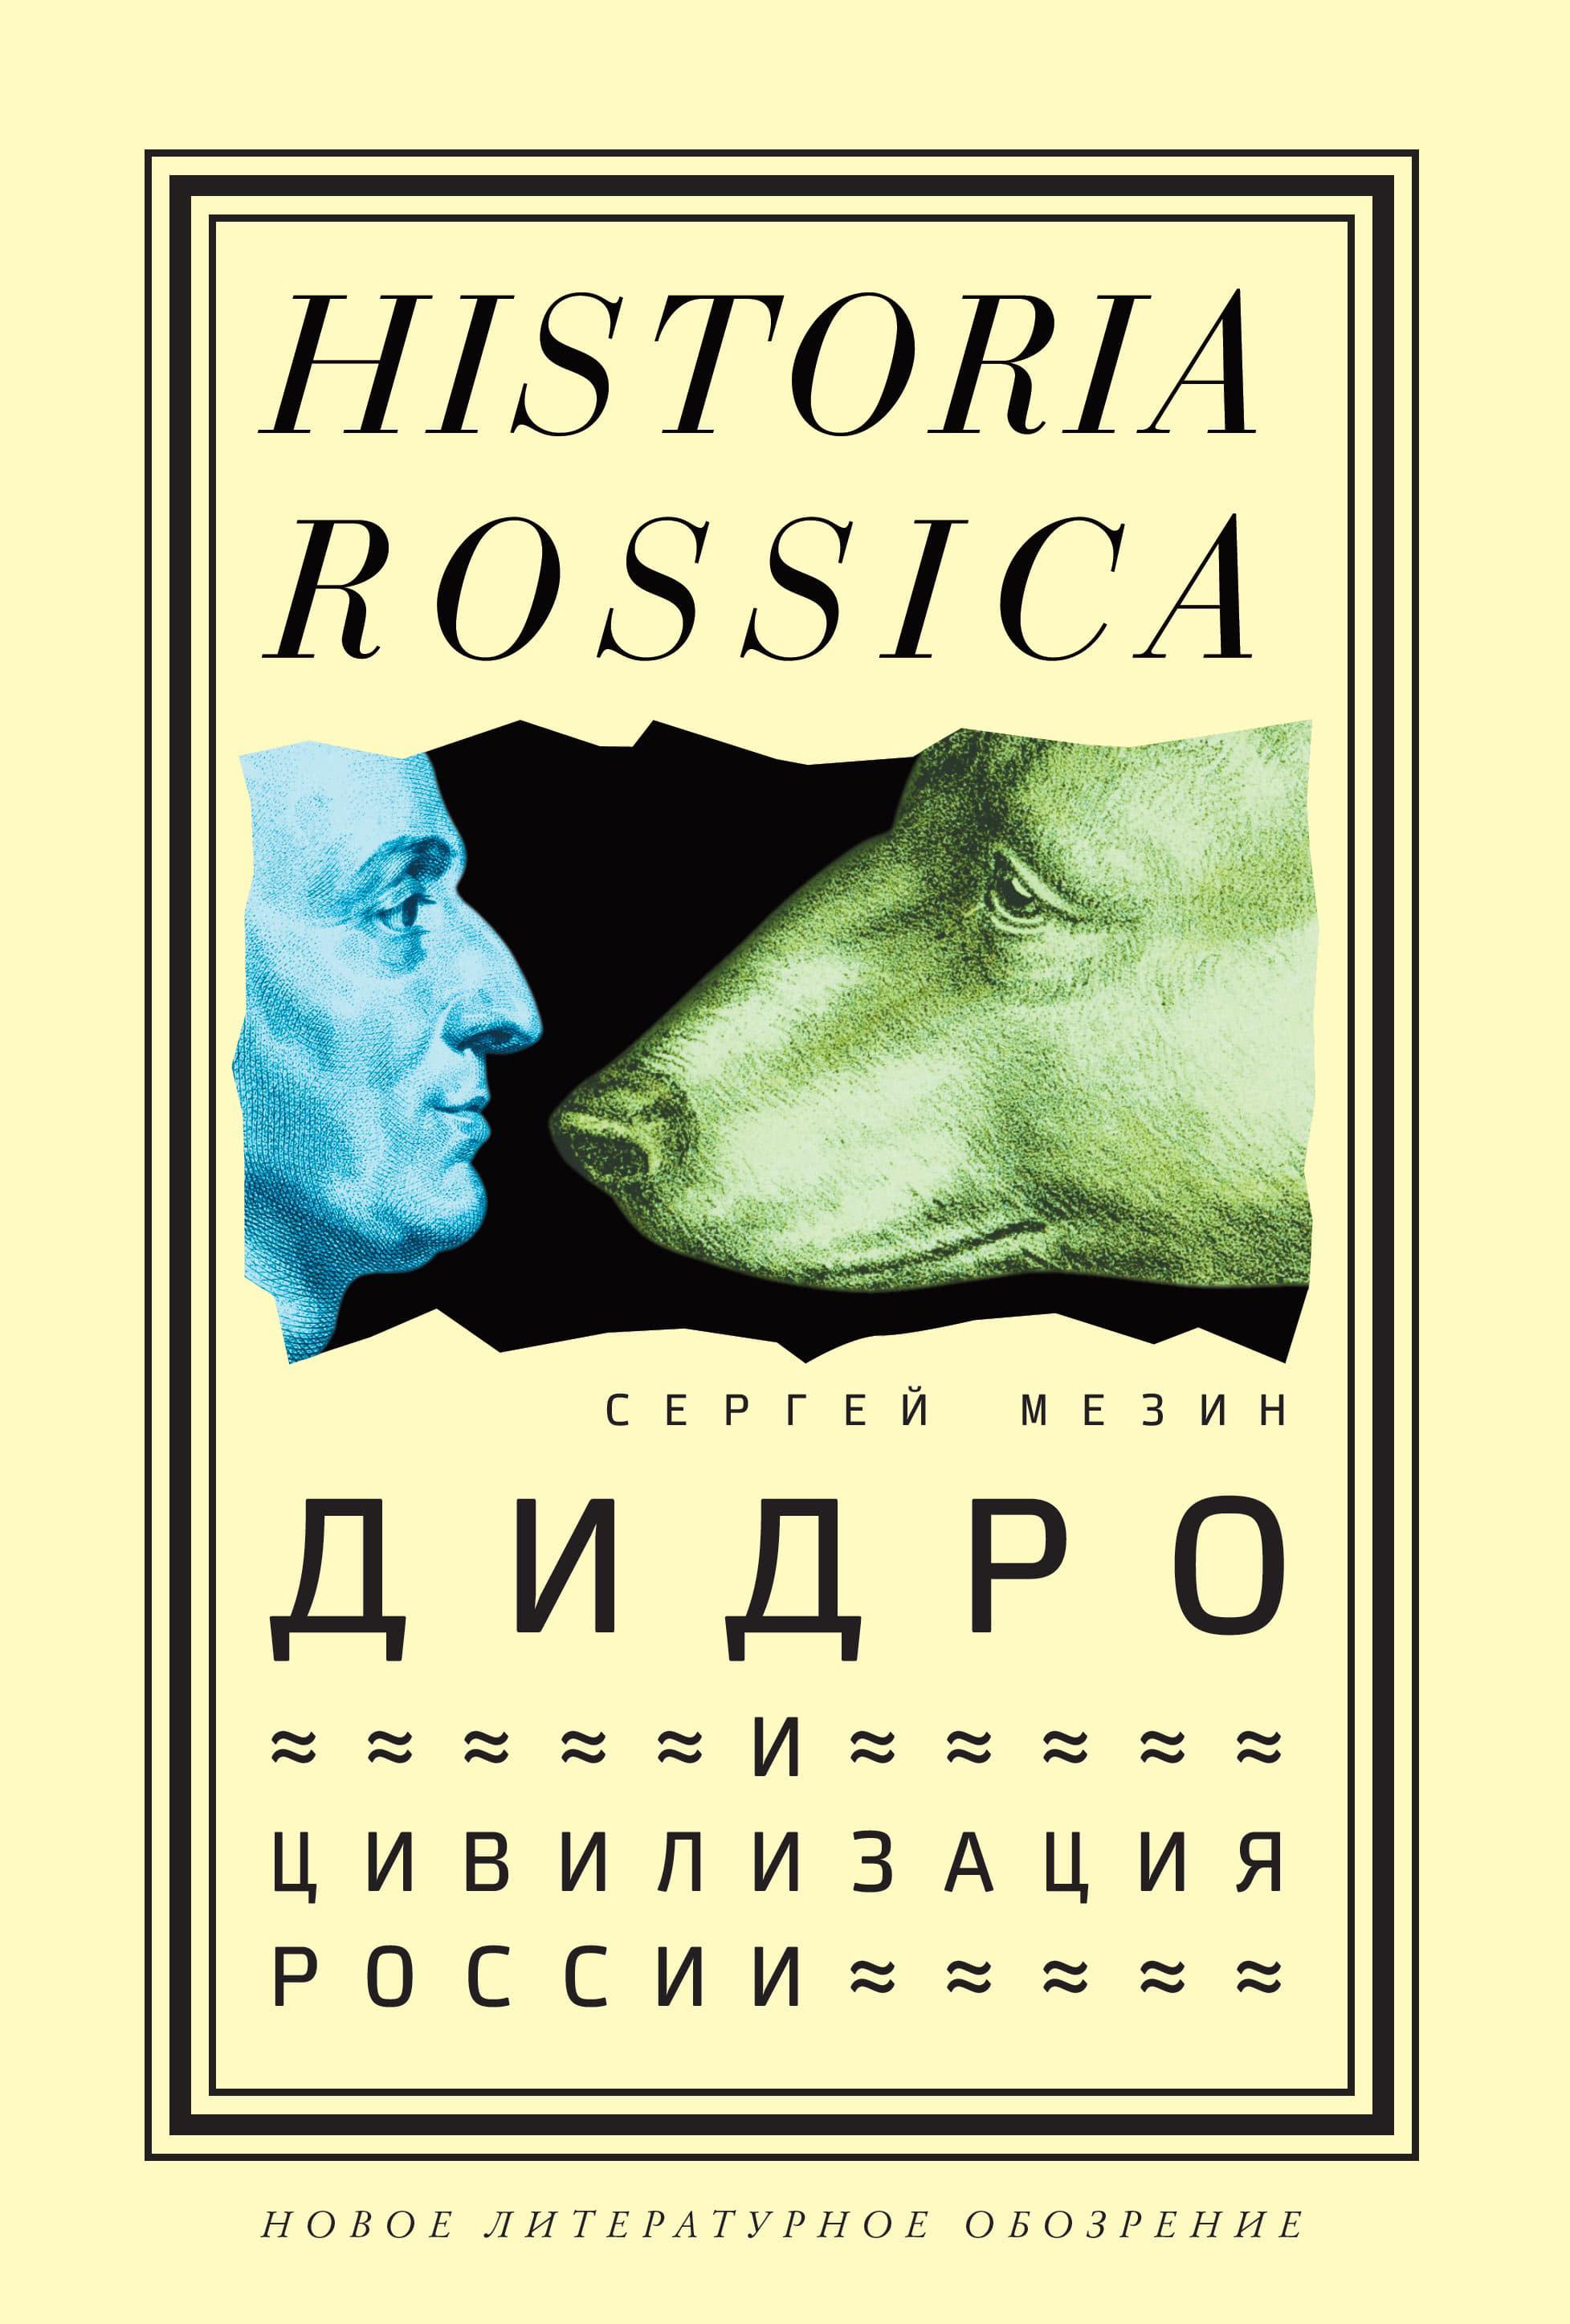 Дидро и цивилизация России